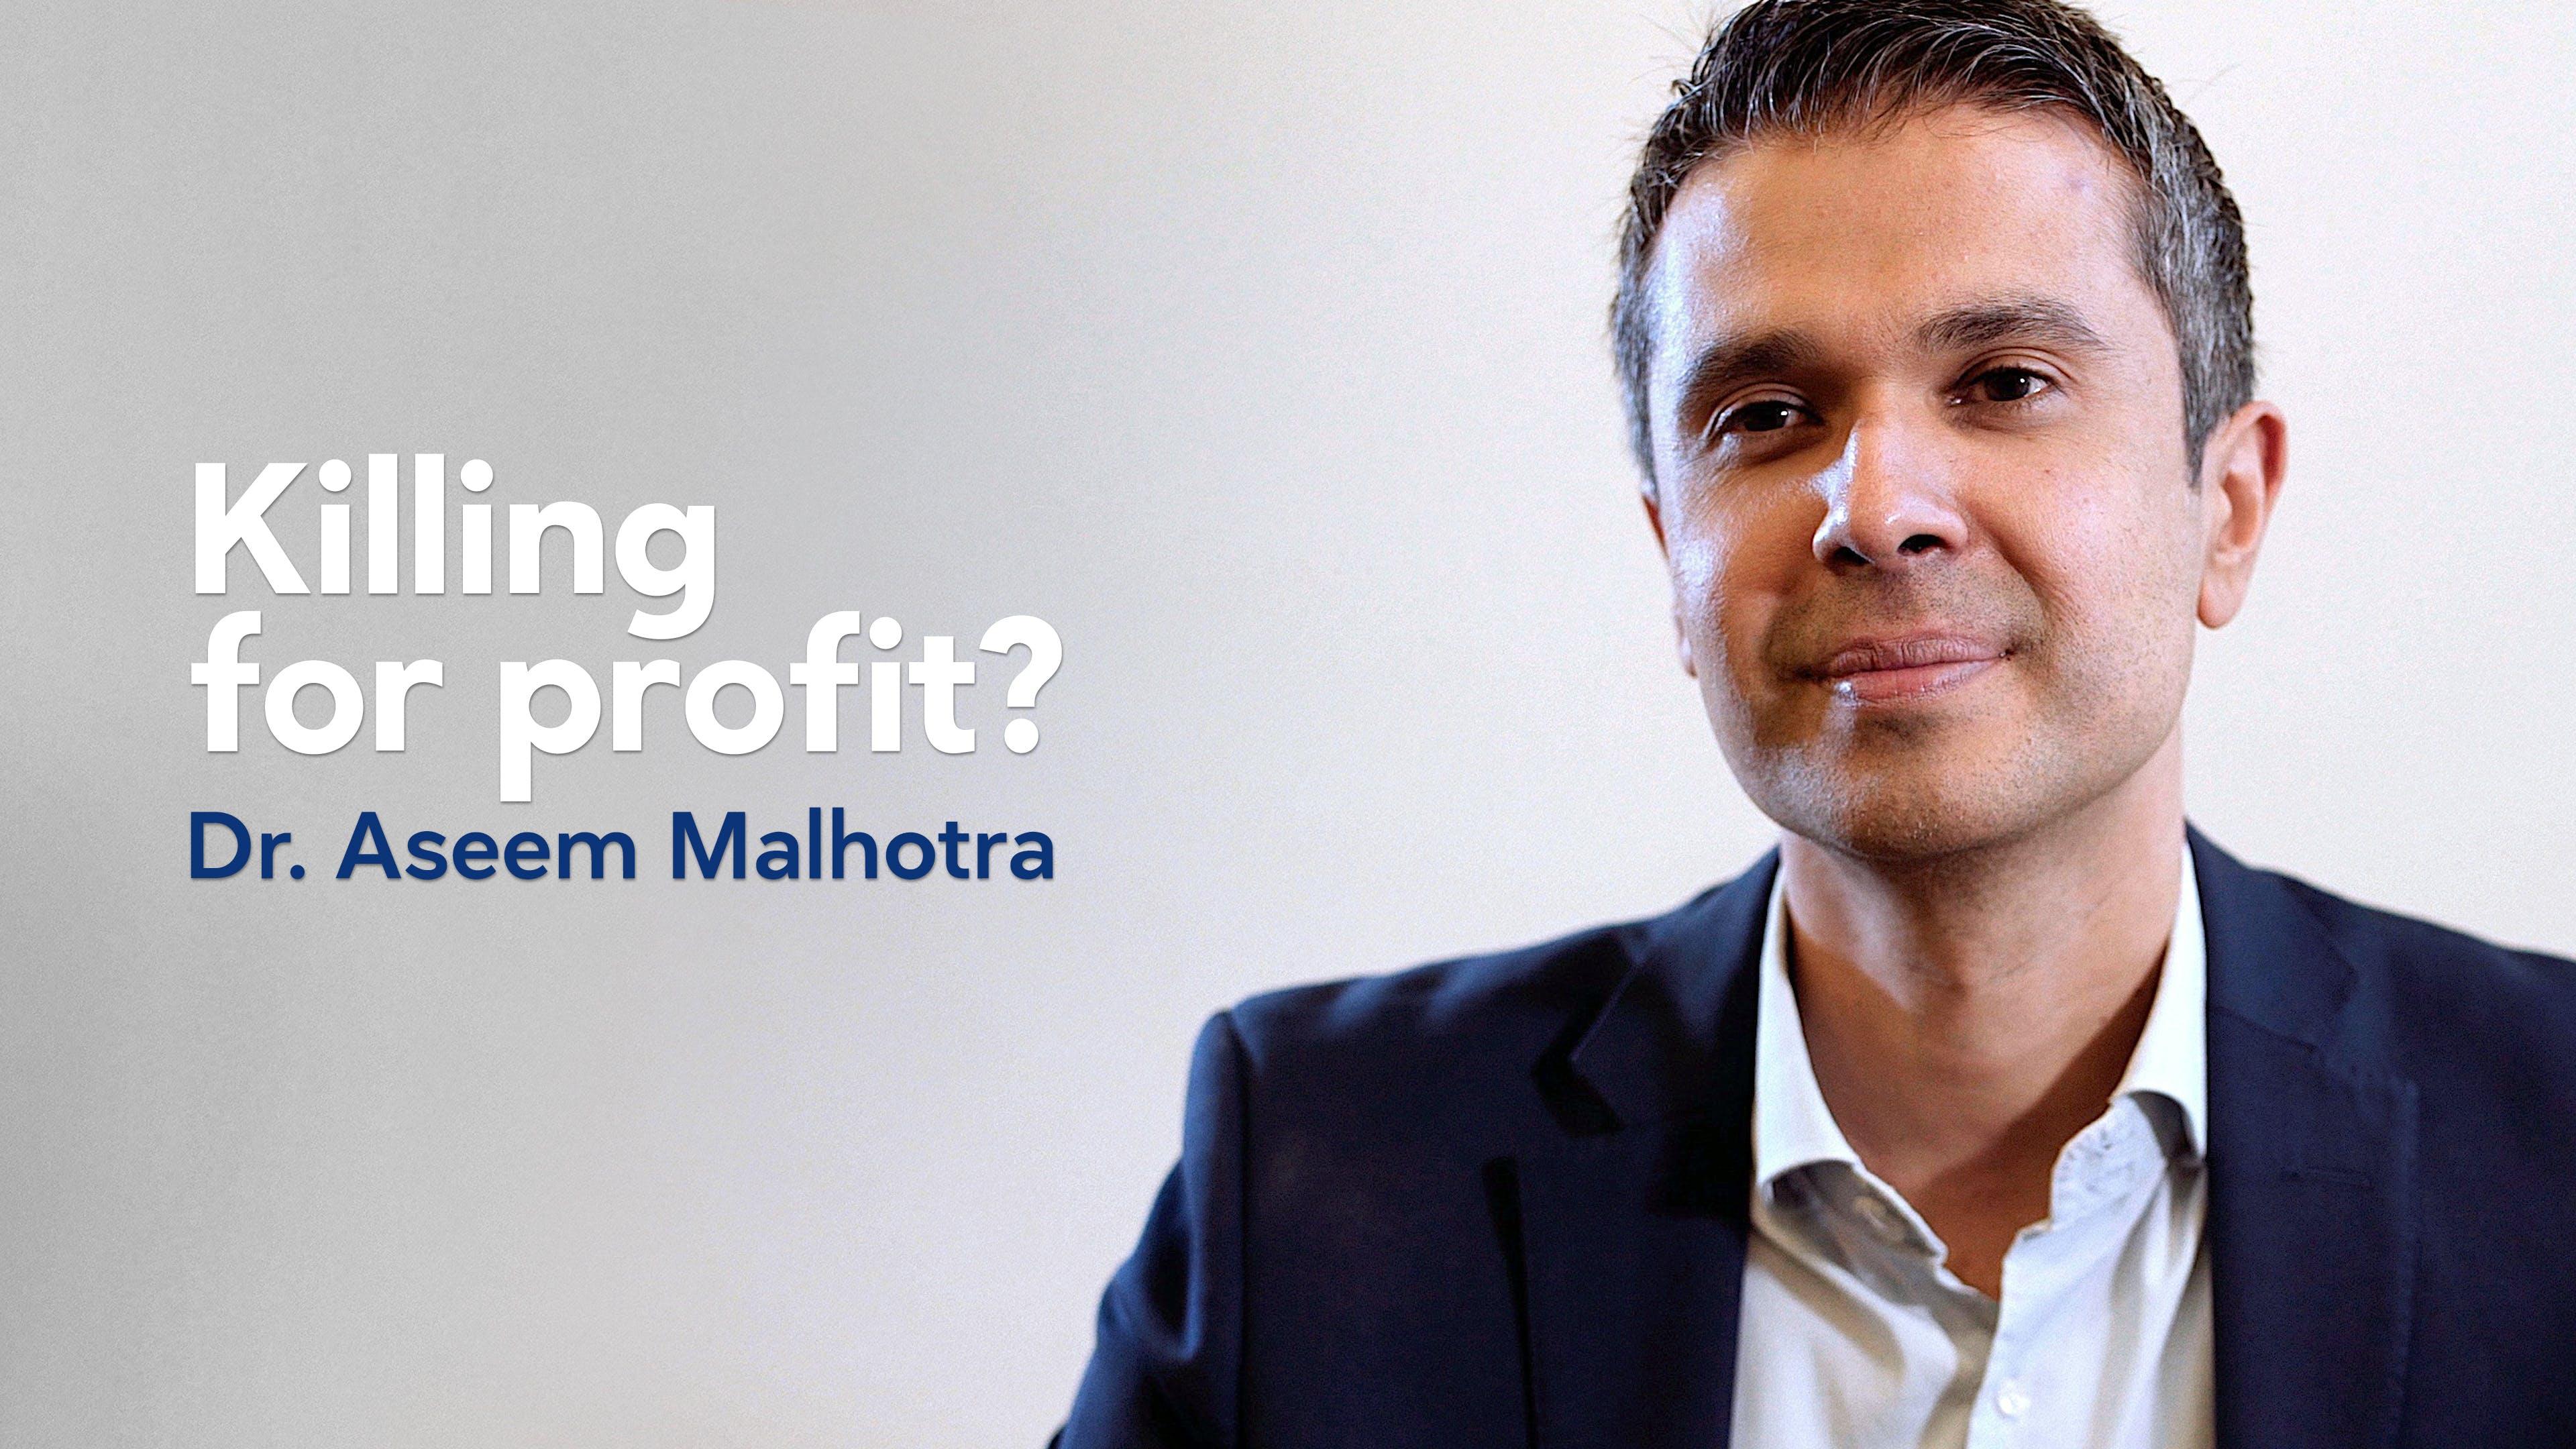 Killing for profit?